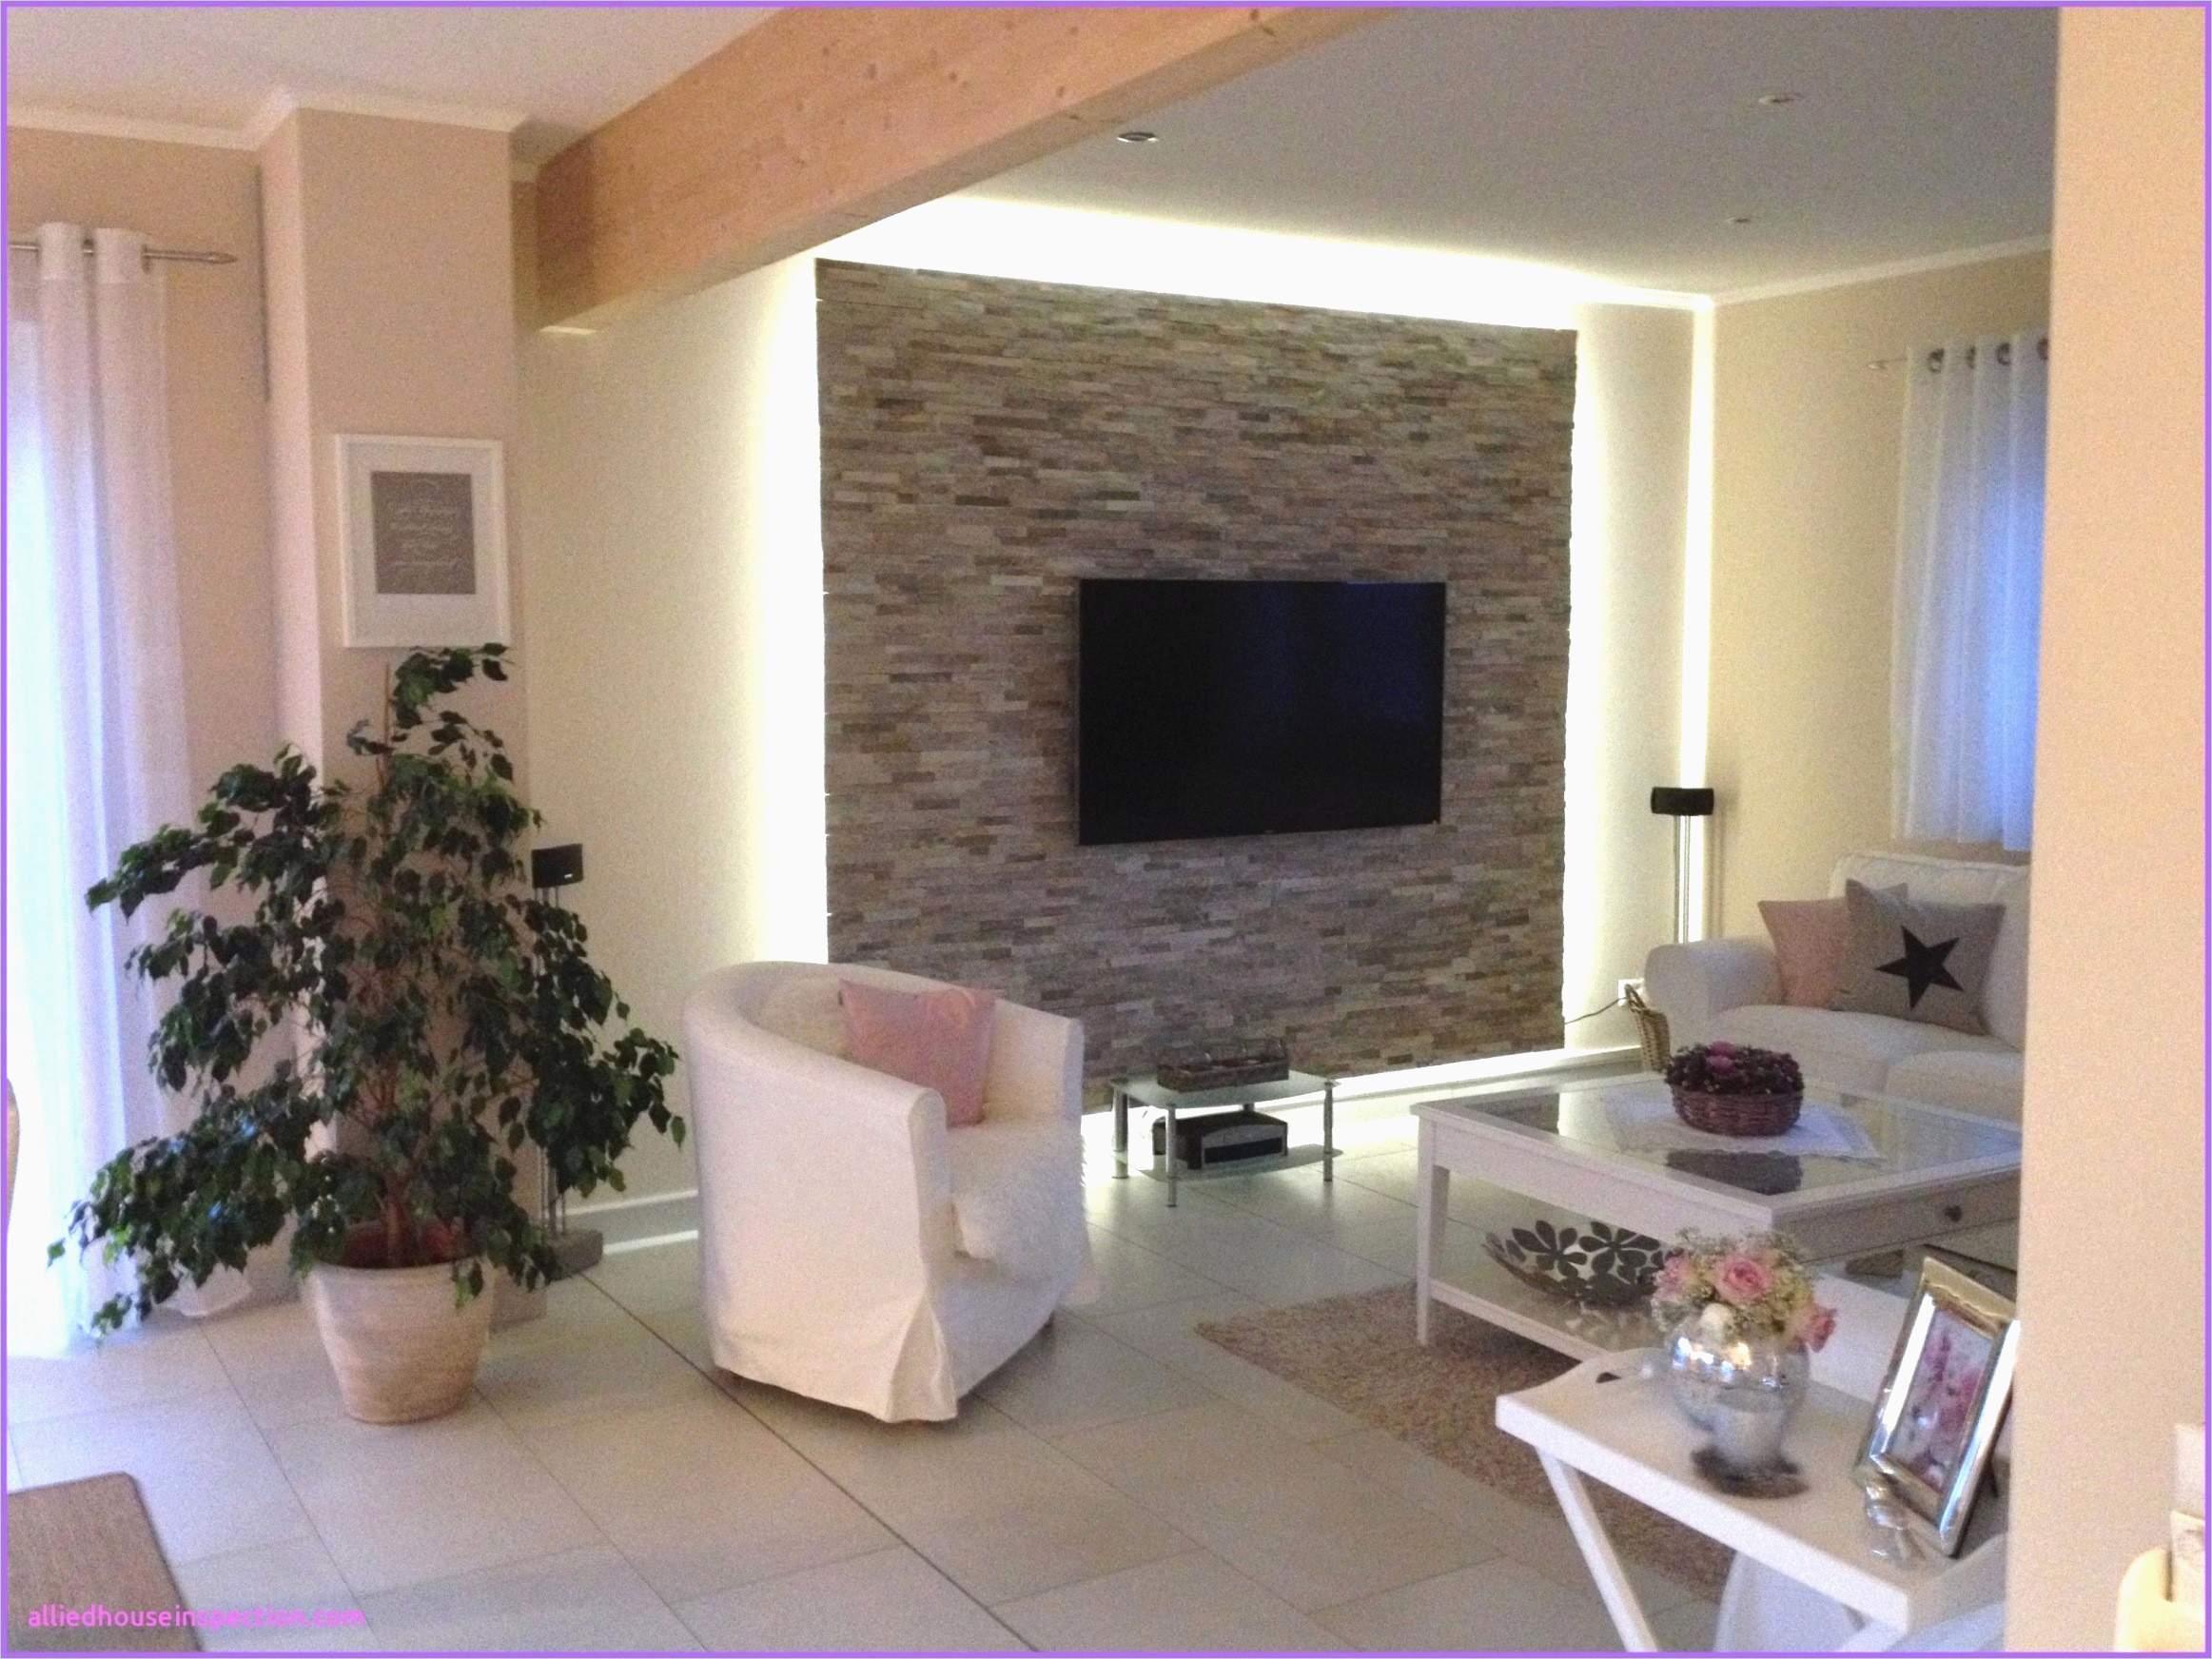 Full Size of Wandgestaltung Wohnzimmer Ohne Tapete Wohnzimmer Tapete Vintage Wohnzimmer Tapeten 2020 Wohnzimmer Tapete Rot Wohnzimmer Wohnzimmer Tapete